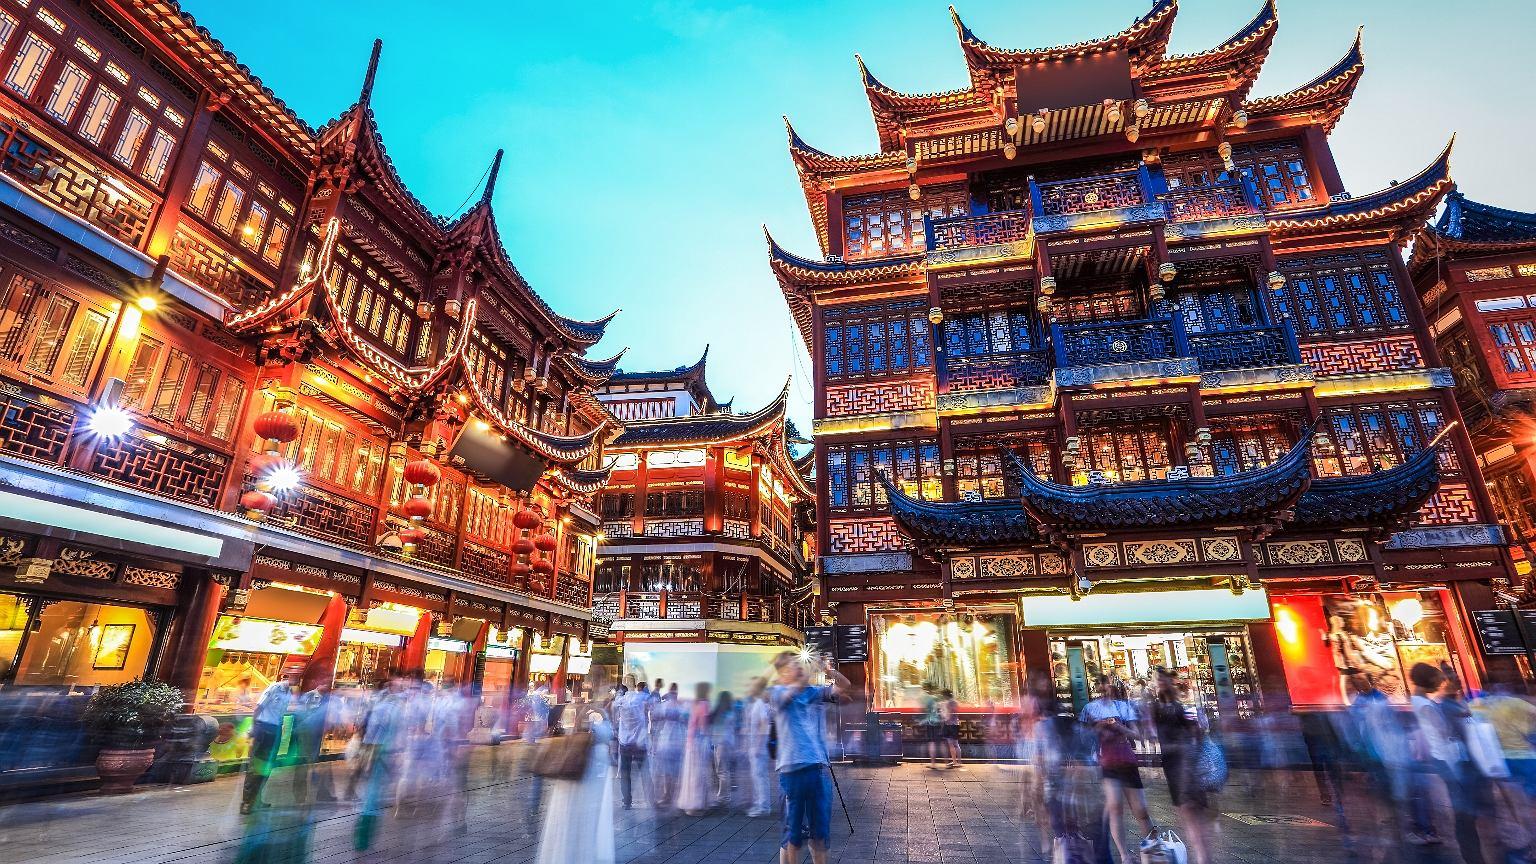 Szukaj i poznaj mężczyzn w wieku 36-99 lat z Huba, Chiny.